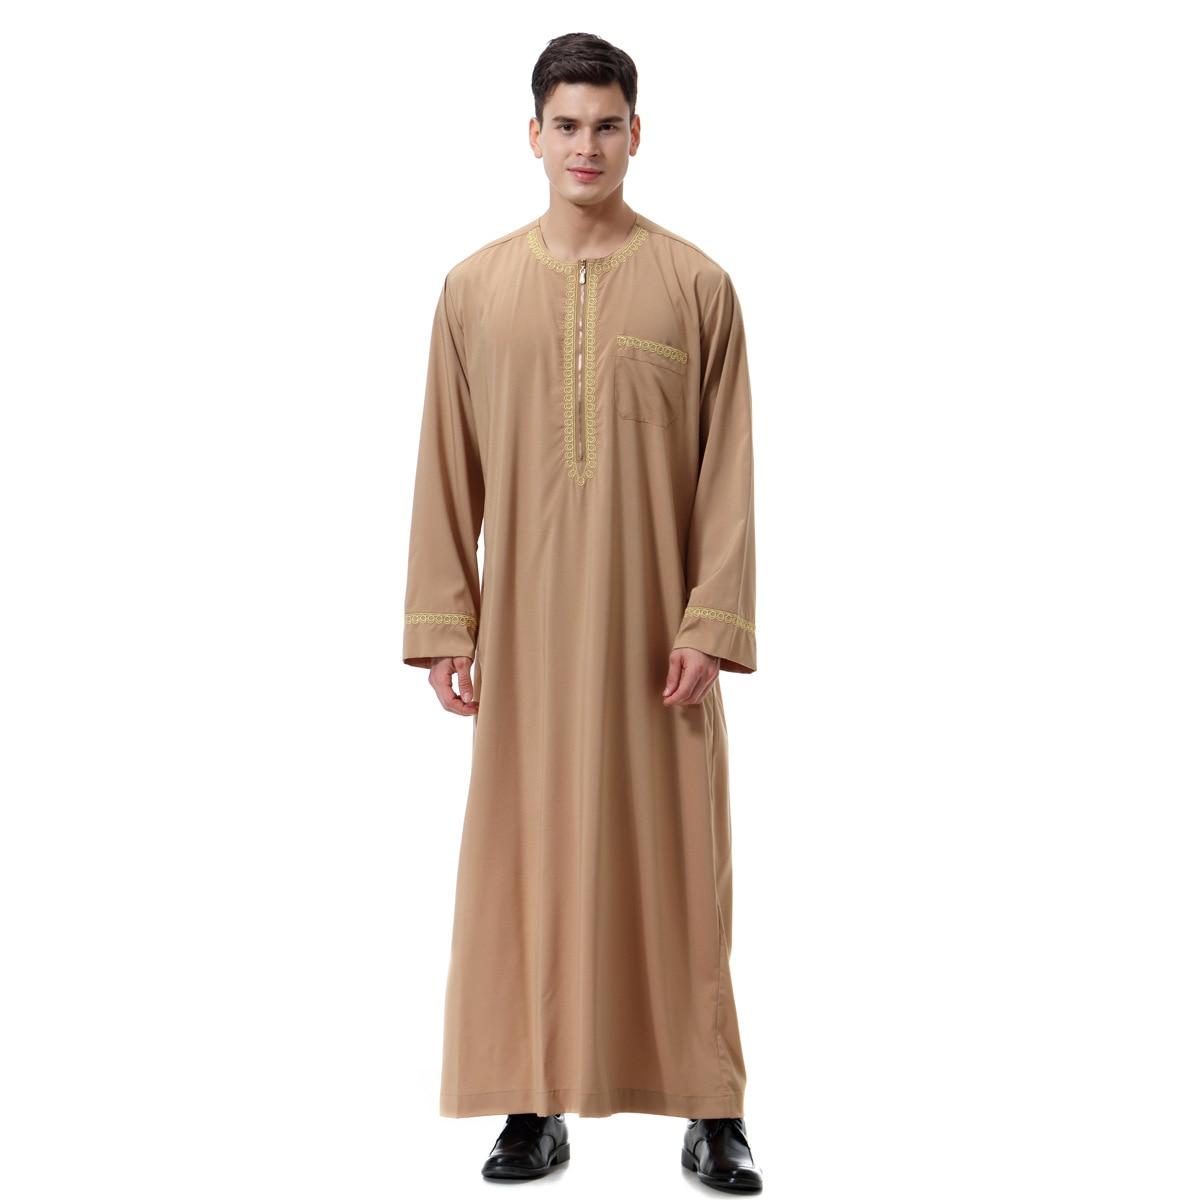 Ropa hombre alcance Ayaba de Arabia Saudita... Abaya para hombre... Djellaba de...